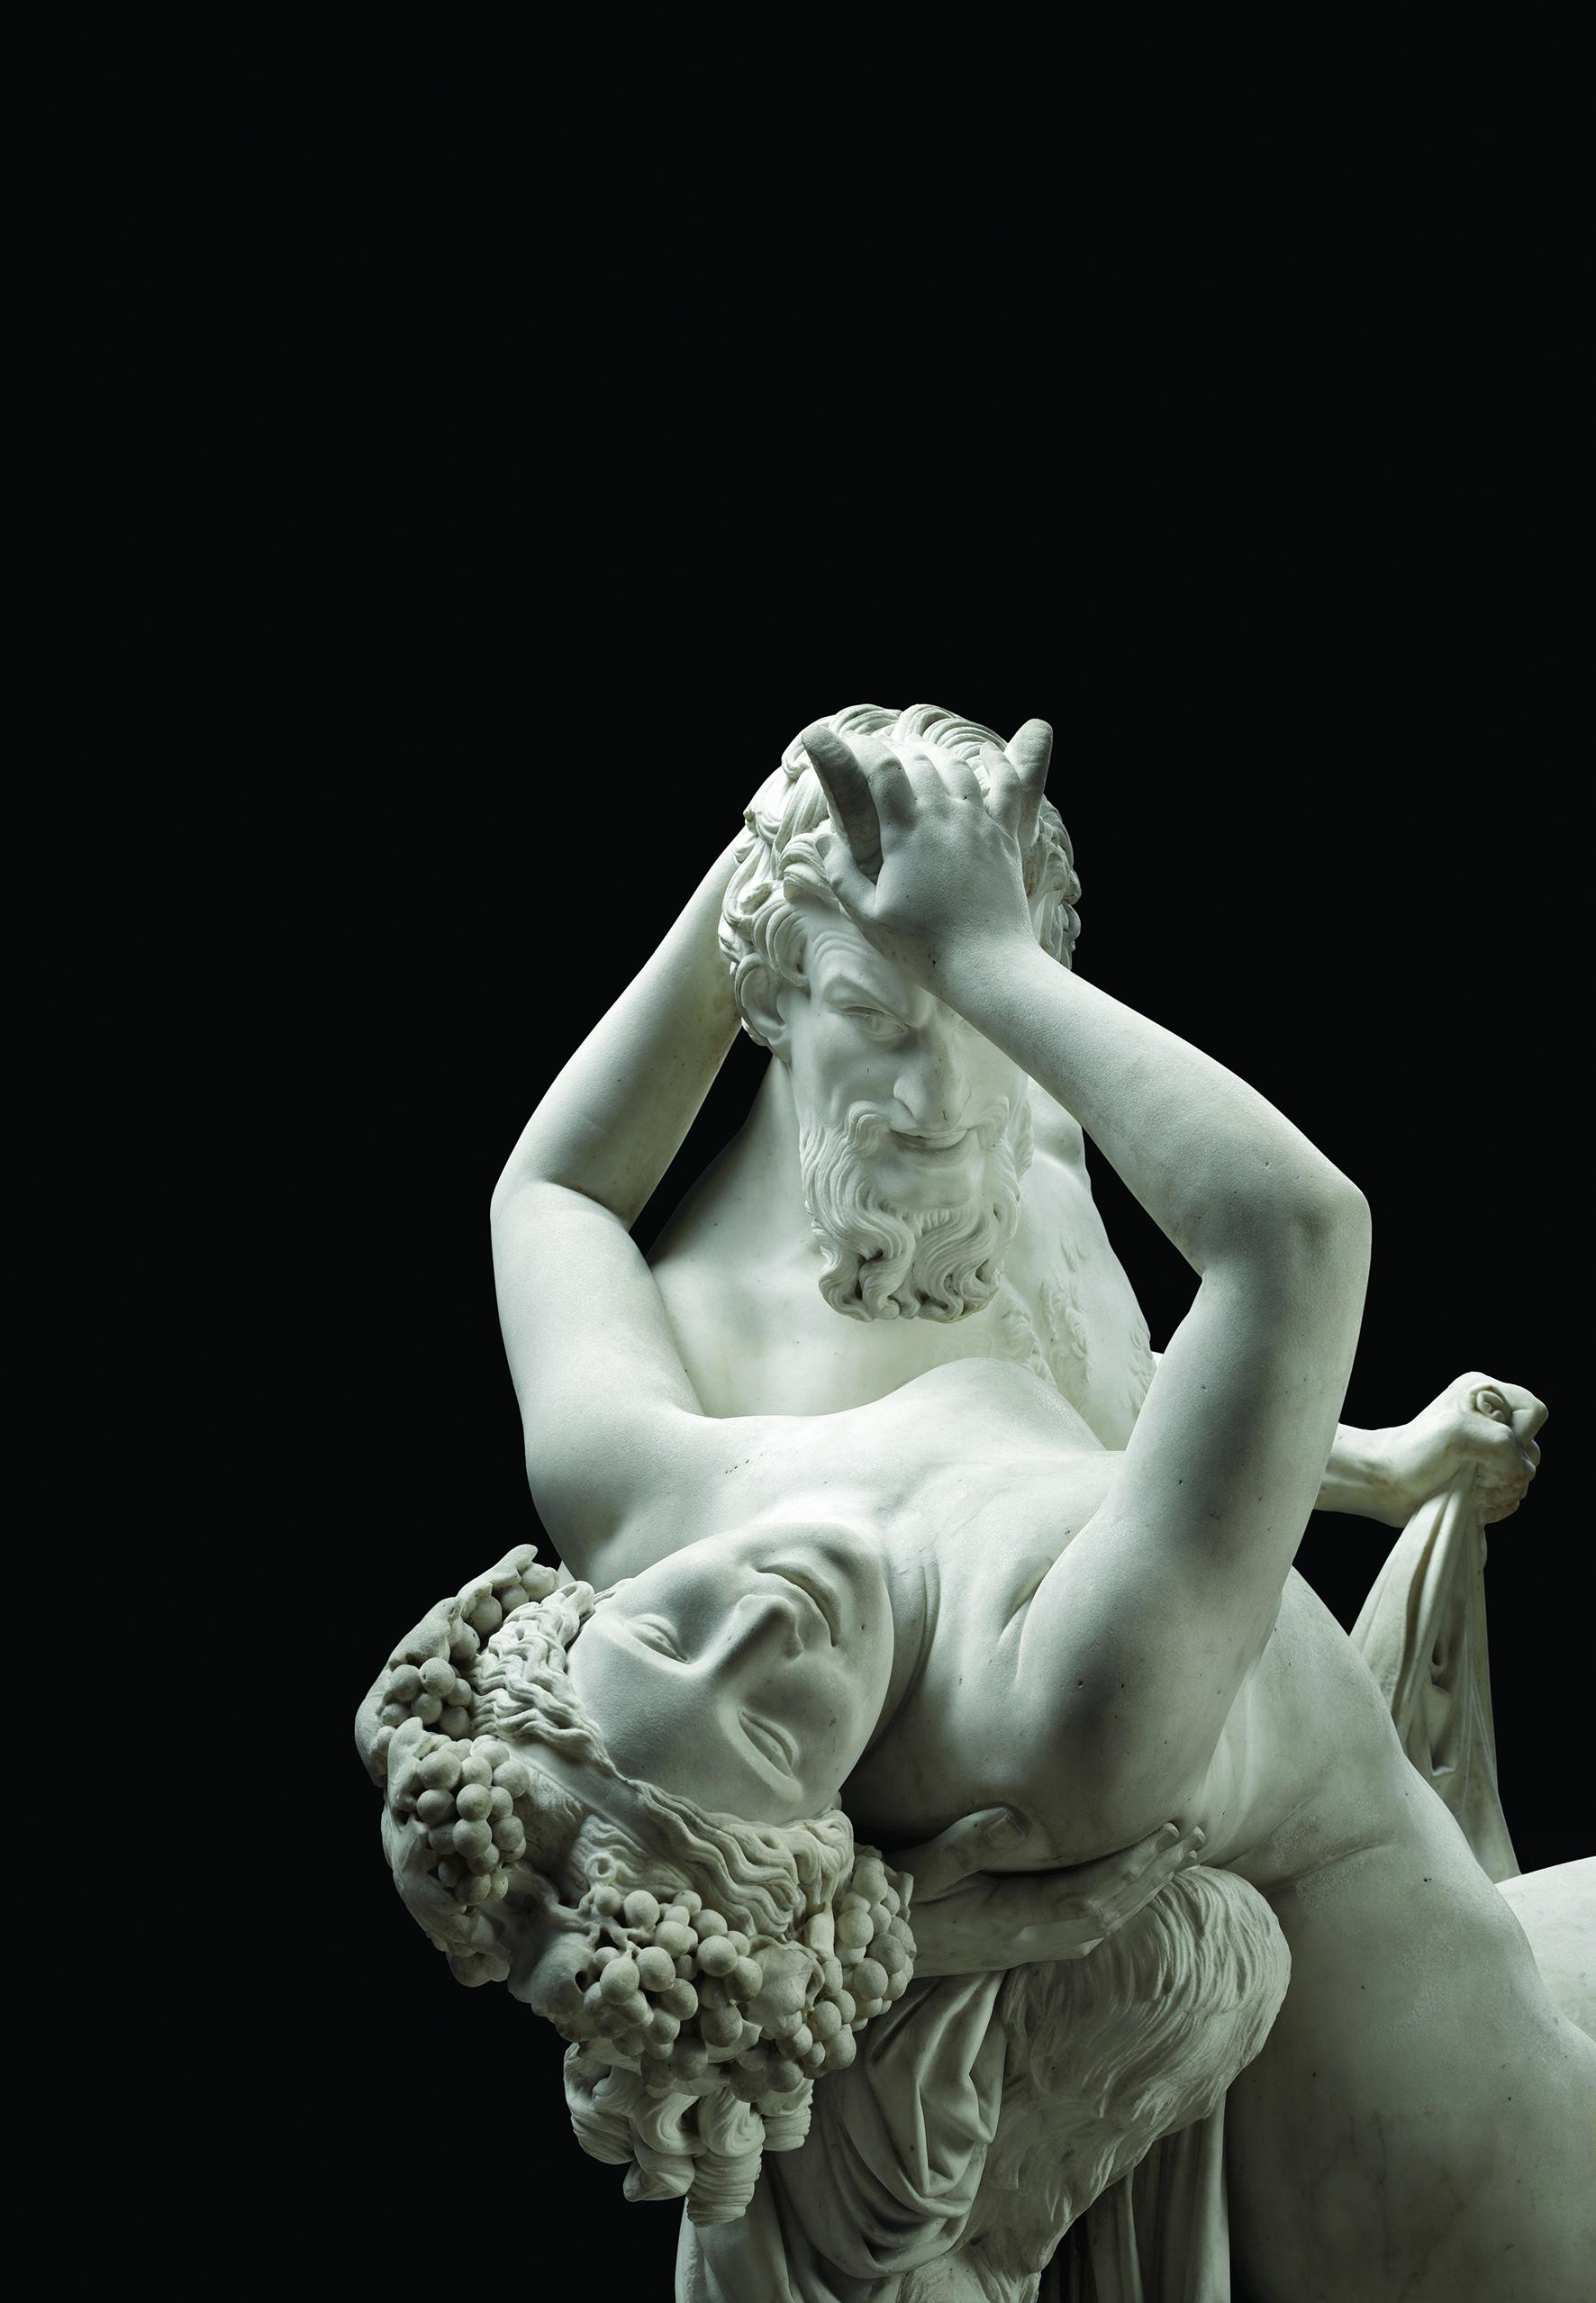 James Pradier , Satyre et Bacchante , 1834, marbre © Paris, musée du Louvre. Photo © RMN-Grand Palais (musée du Louvre)/René-Gabriel Ojéda